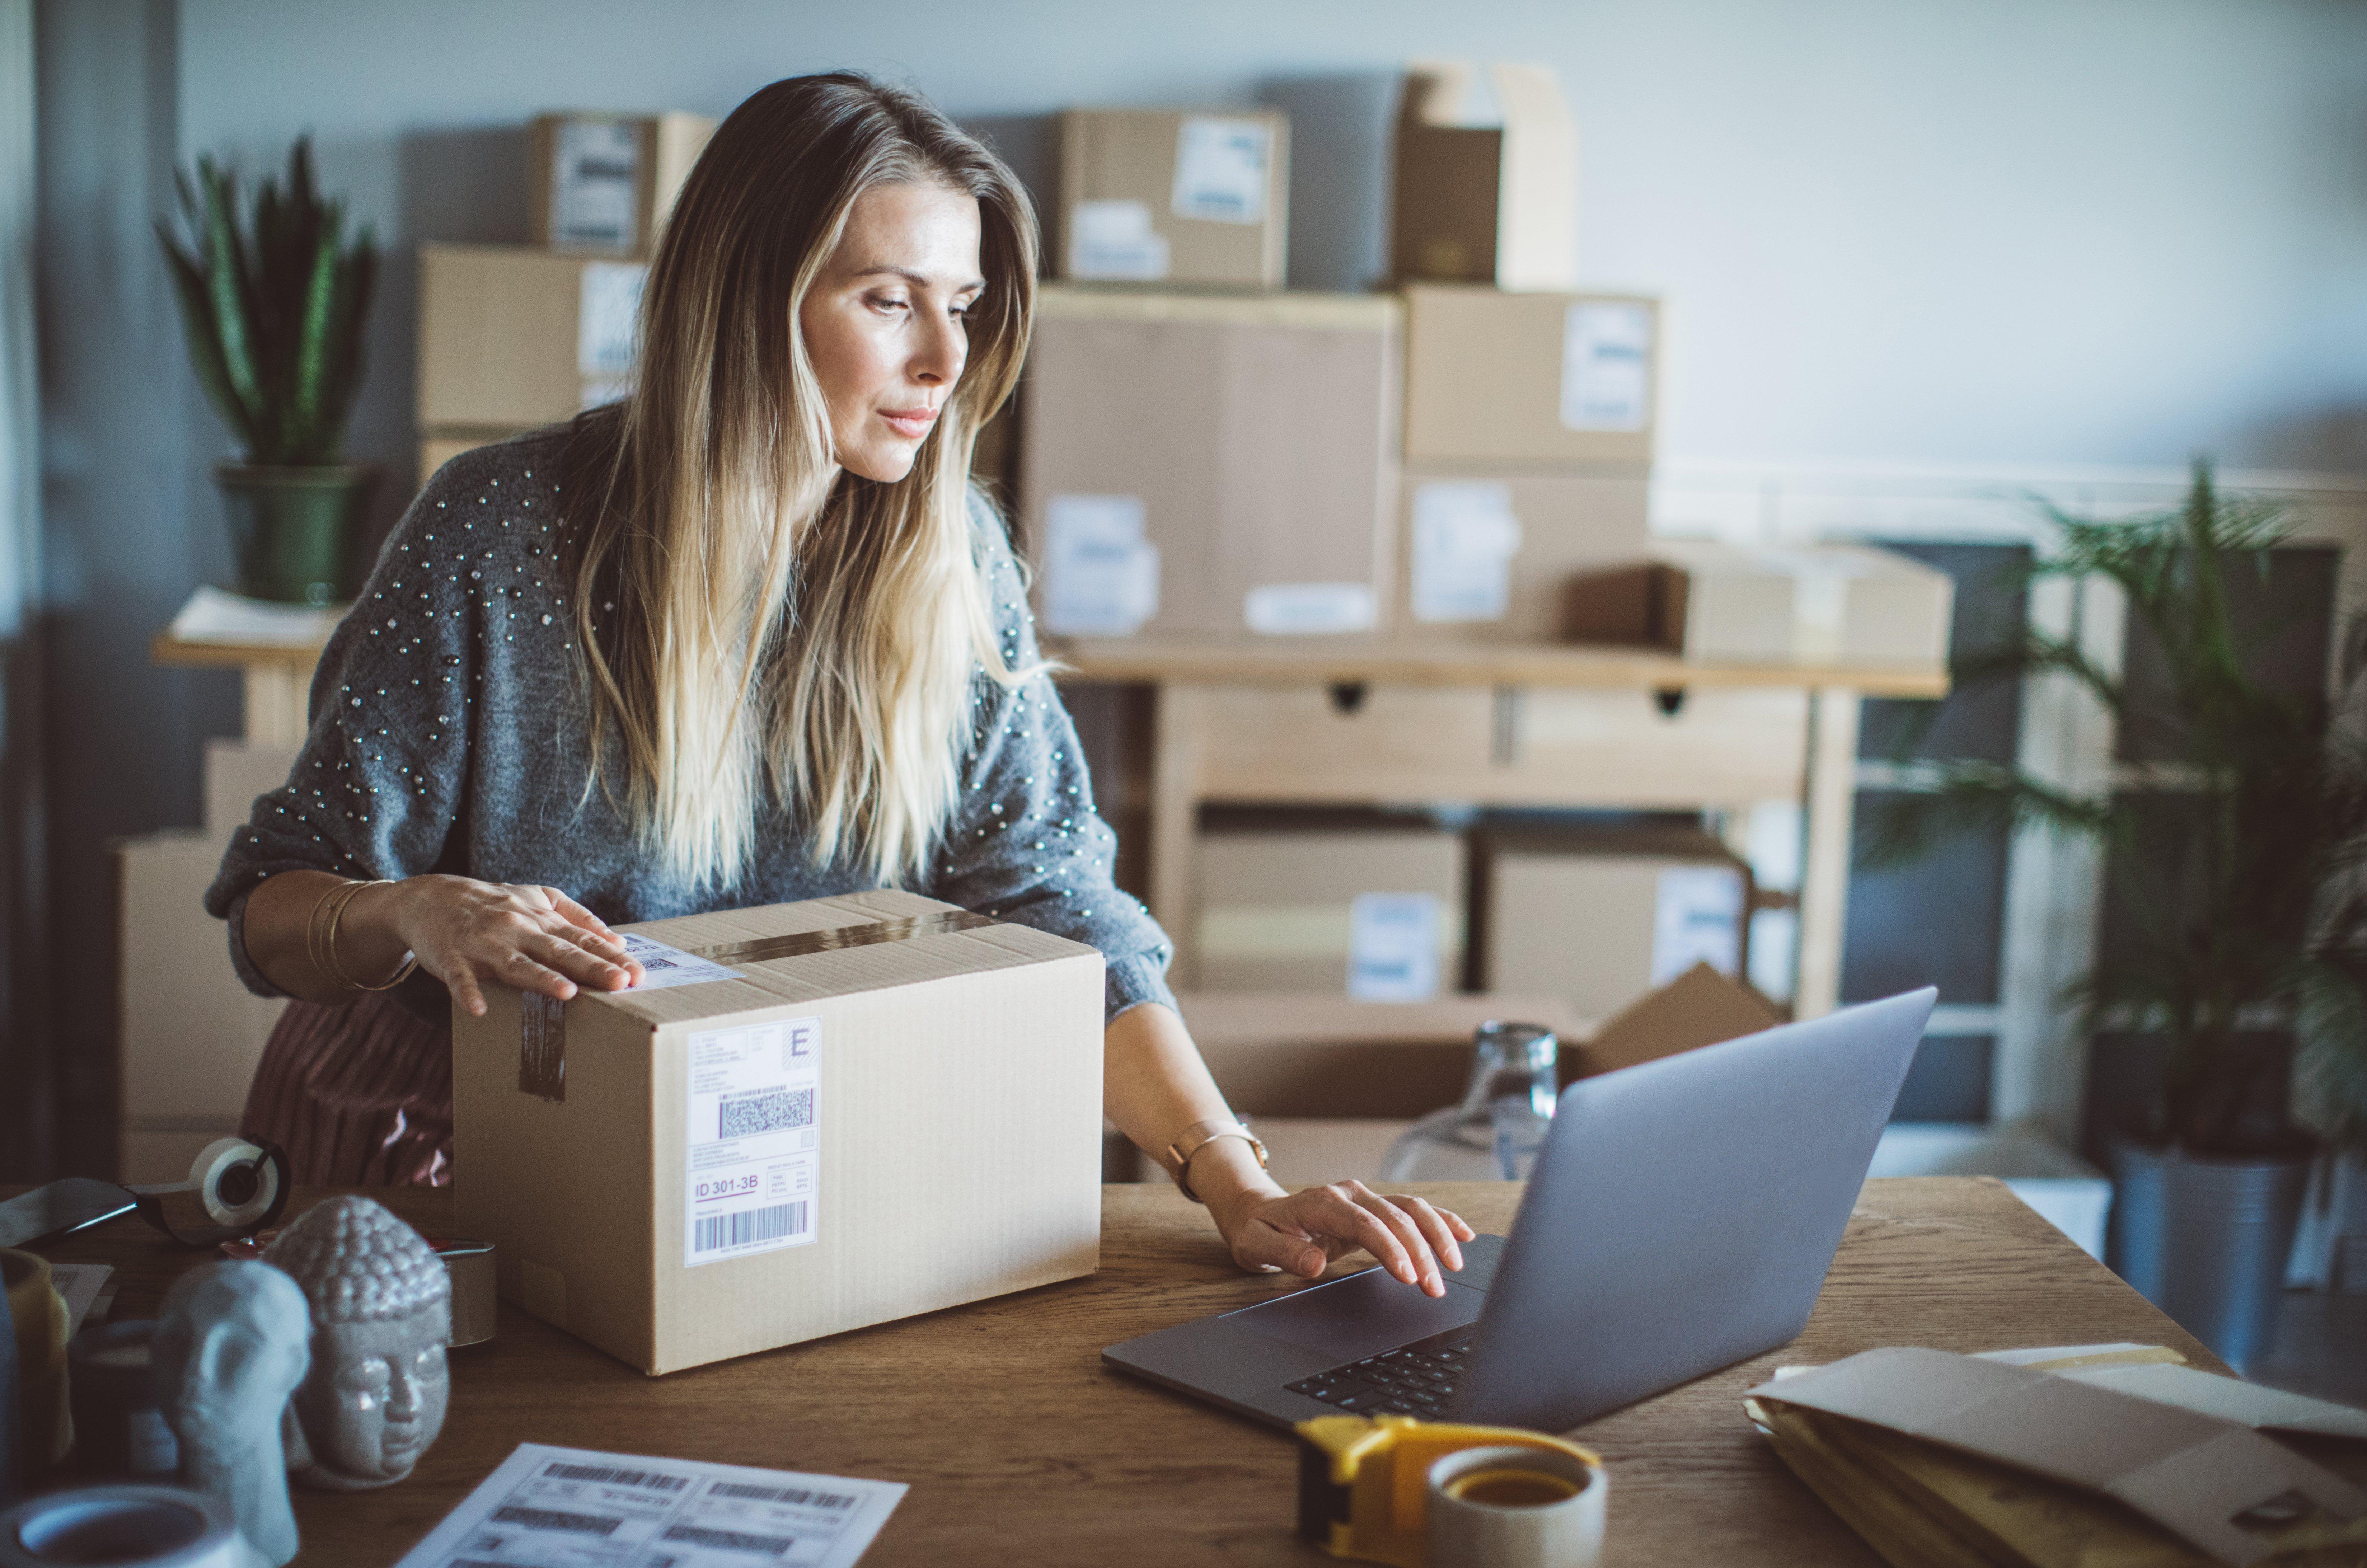 Floryn helpt e-commerce ondernemers op bol.com sneller groeien met krediet